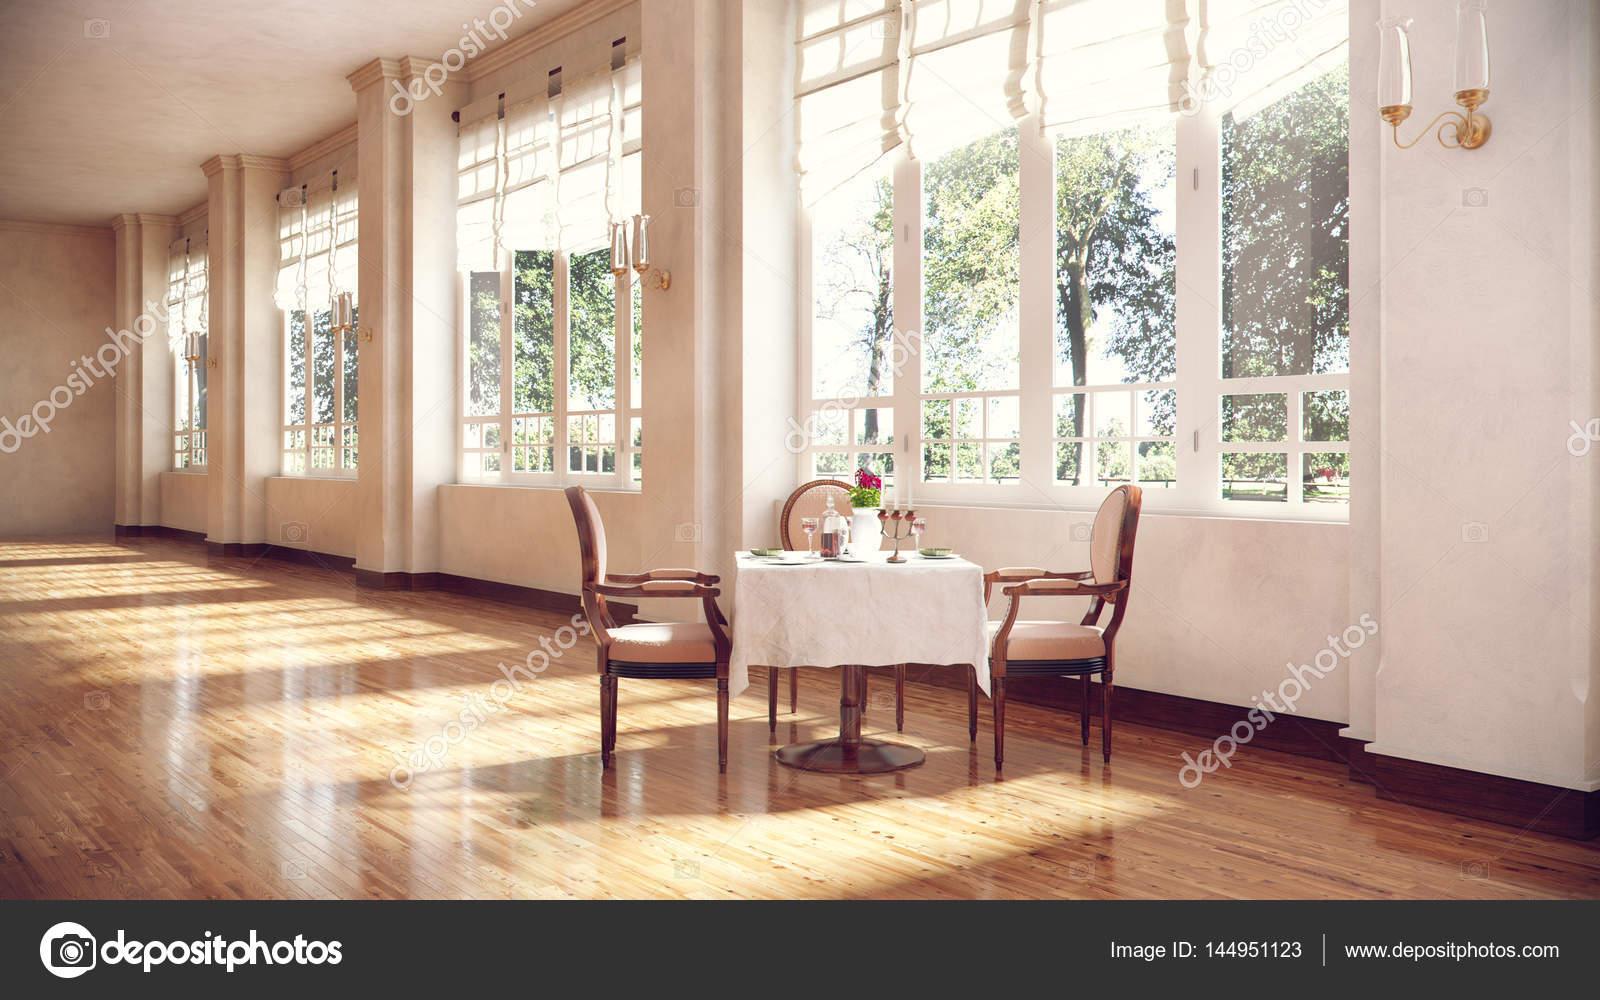 Ronde Tafel En Stoelen.Ronde Tafel En Stoelen In Conferentie Kamer Interieur Met Houten F